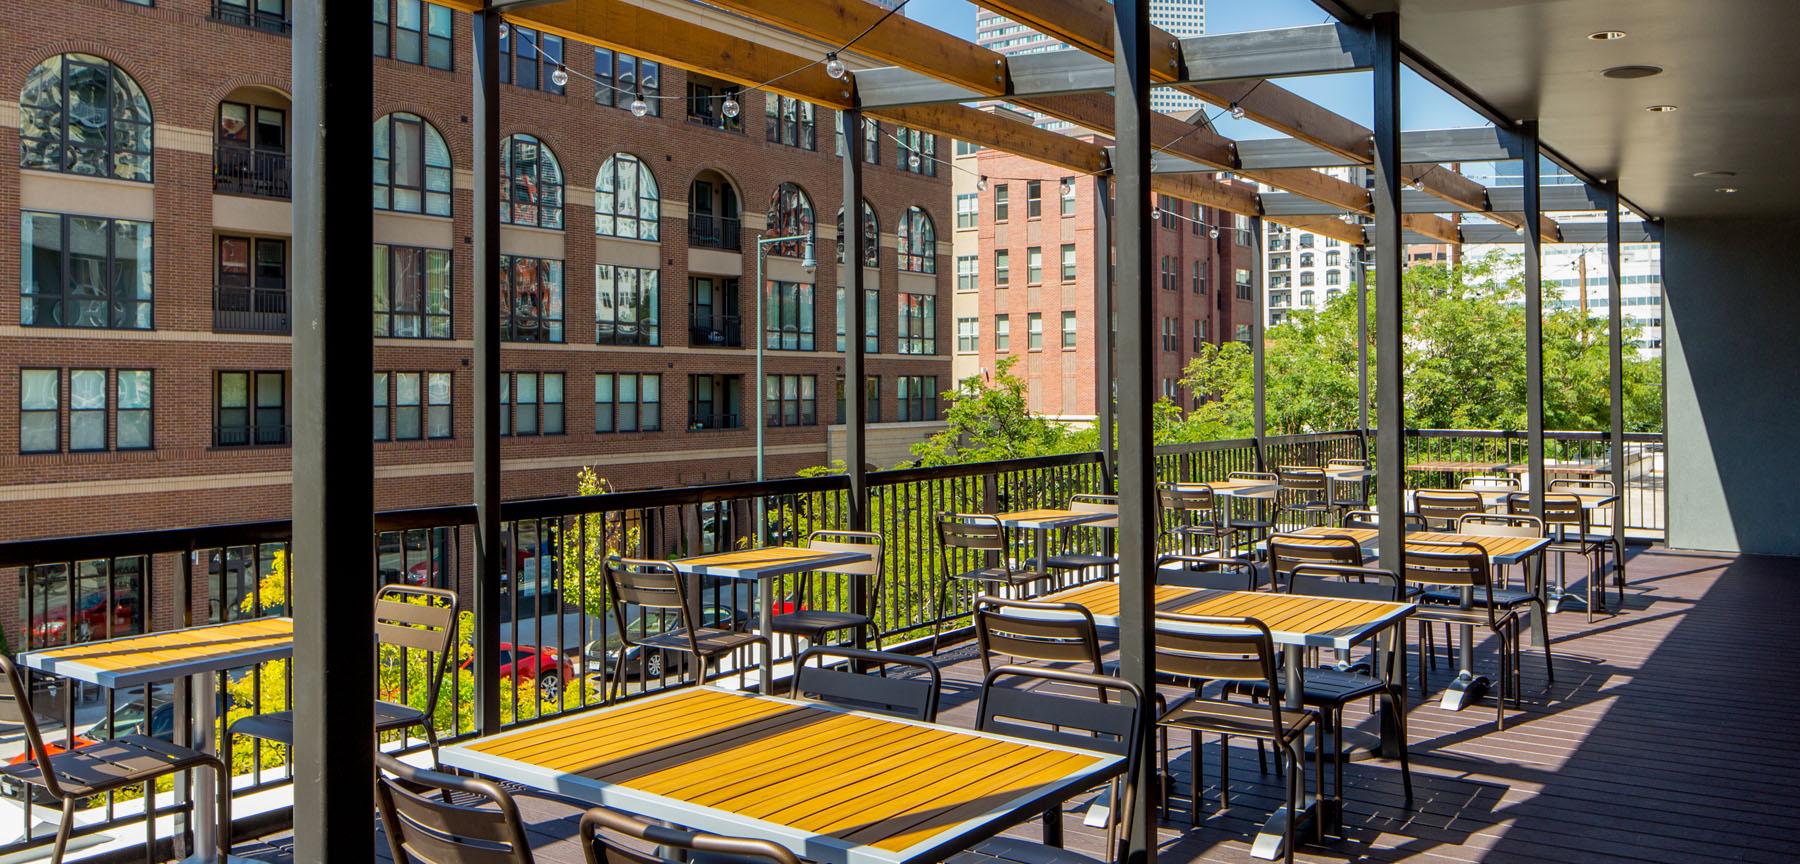 Las Delicias Restaurant Rooftop Patio